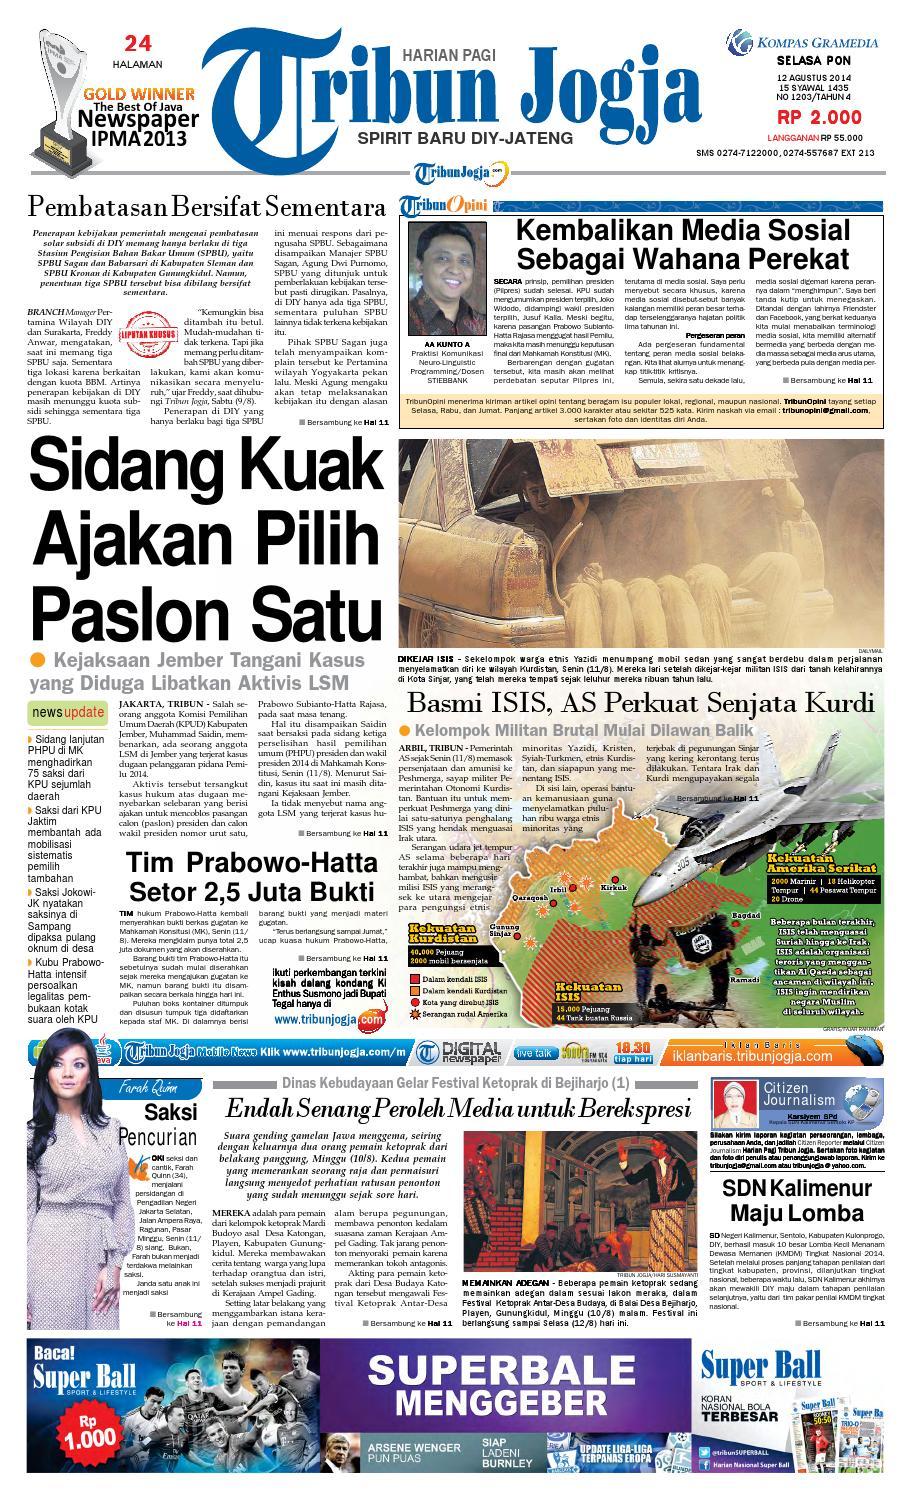 Tribunjogja 12 08 2014 By Tribun Jogja Issuu Produk Ukm Bumn Dompet Double Bordir Rikaamp039s